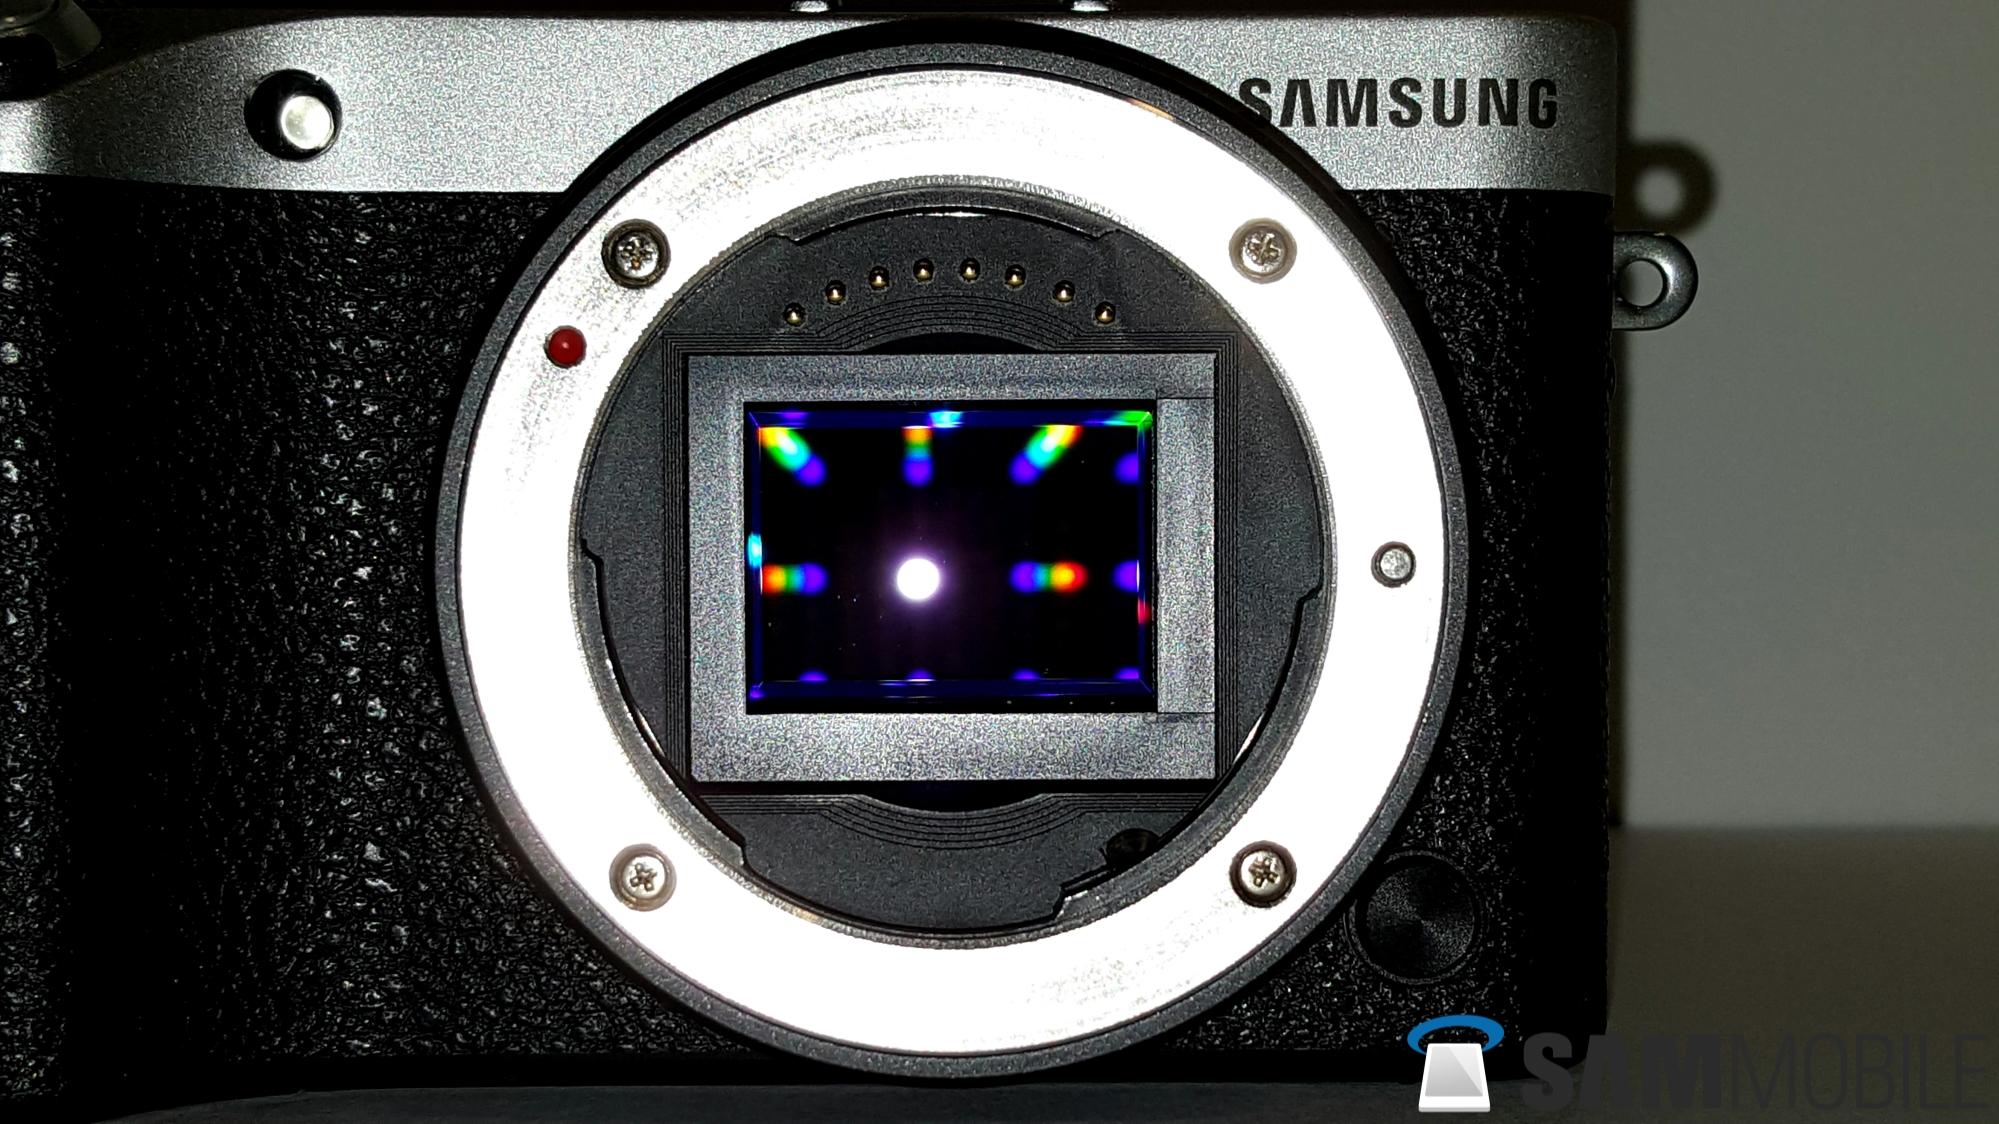 Samsung Sensor